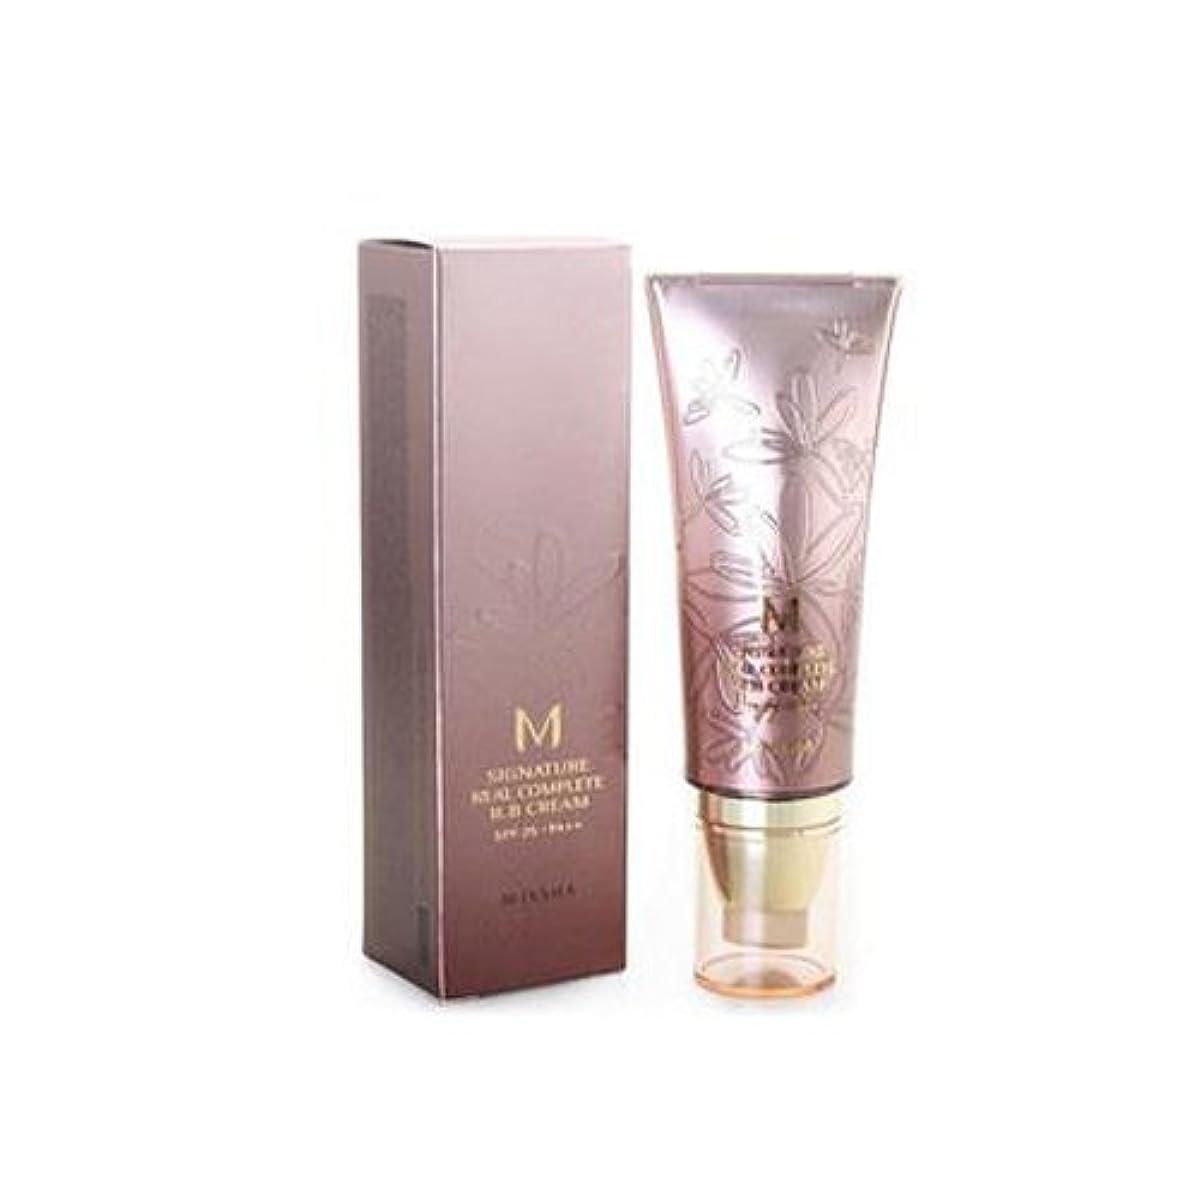 累積ジョグ物語MISSHA M Signature Real Complete B.B Cream SPF 25 PA++ No. 21 Light Pink Beige (並行輸入品)